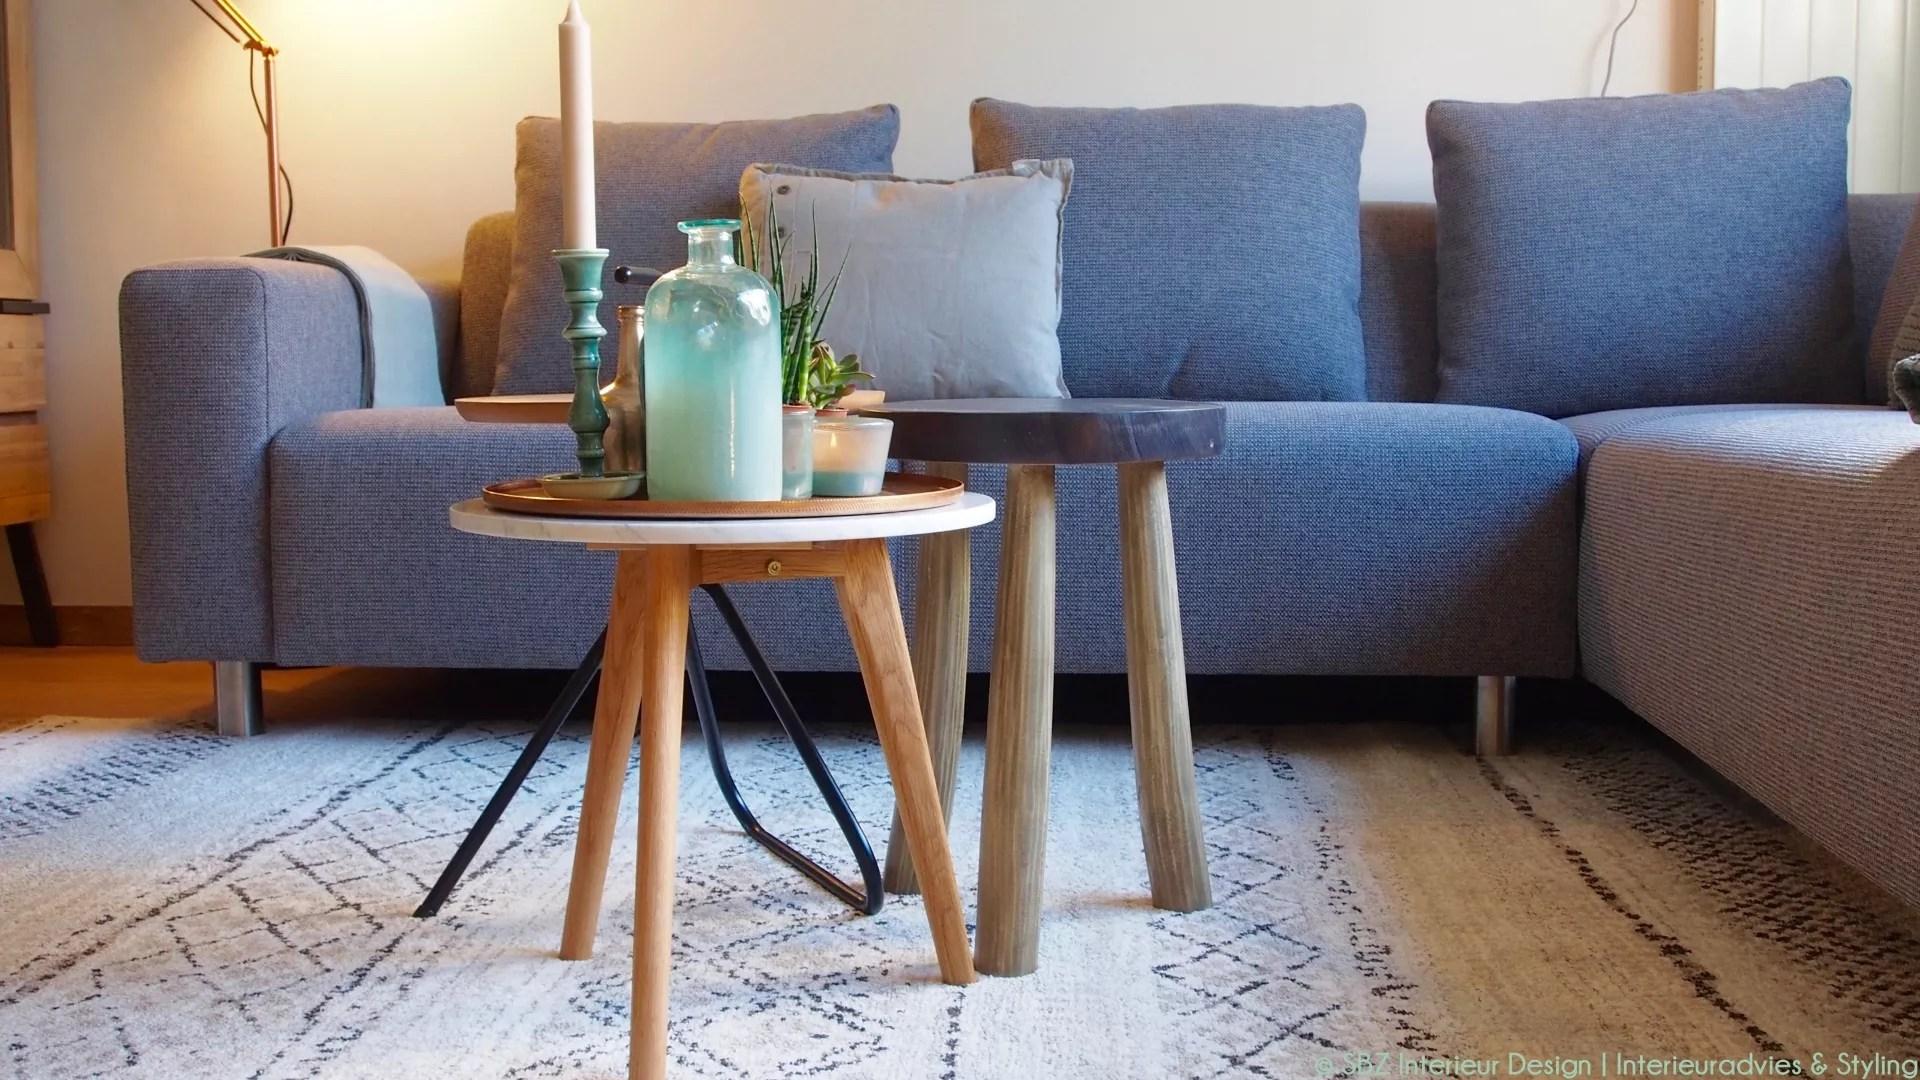 Woontrends 2018 interieur trend nr 2 comfort natuurlijk for Interieur kleuren 2017